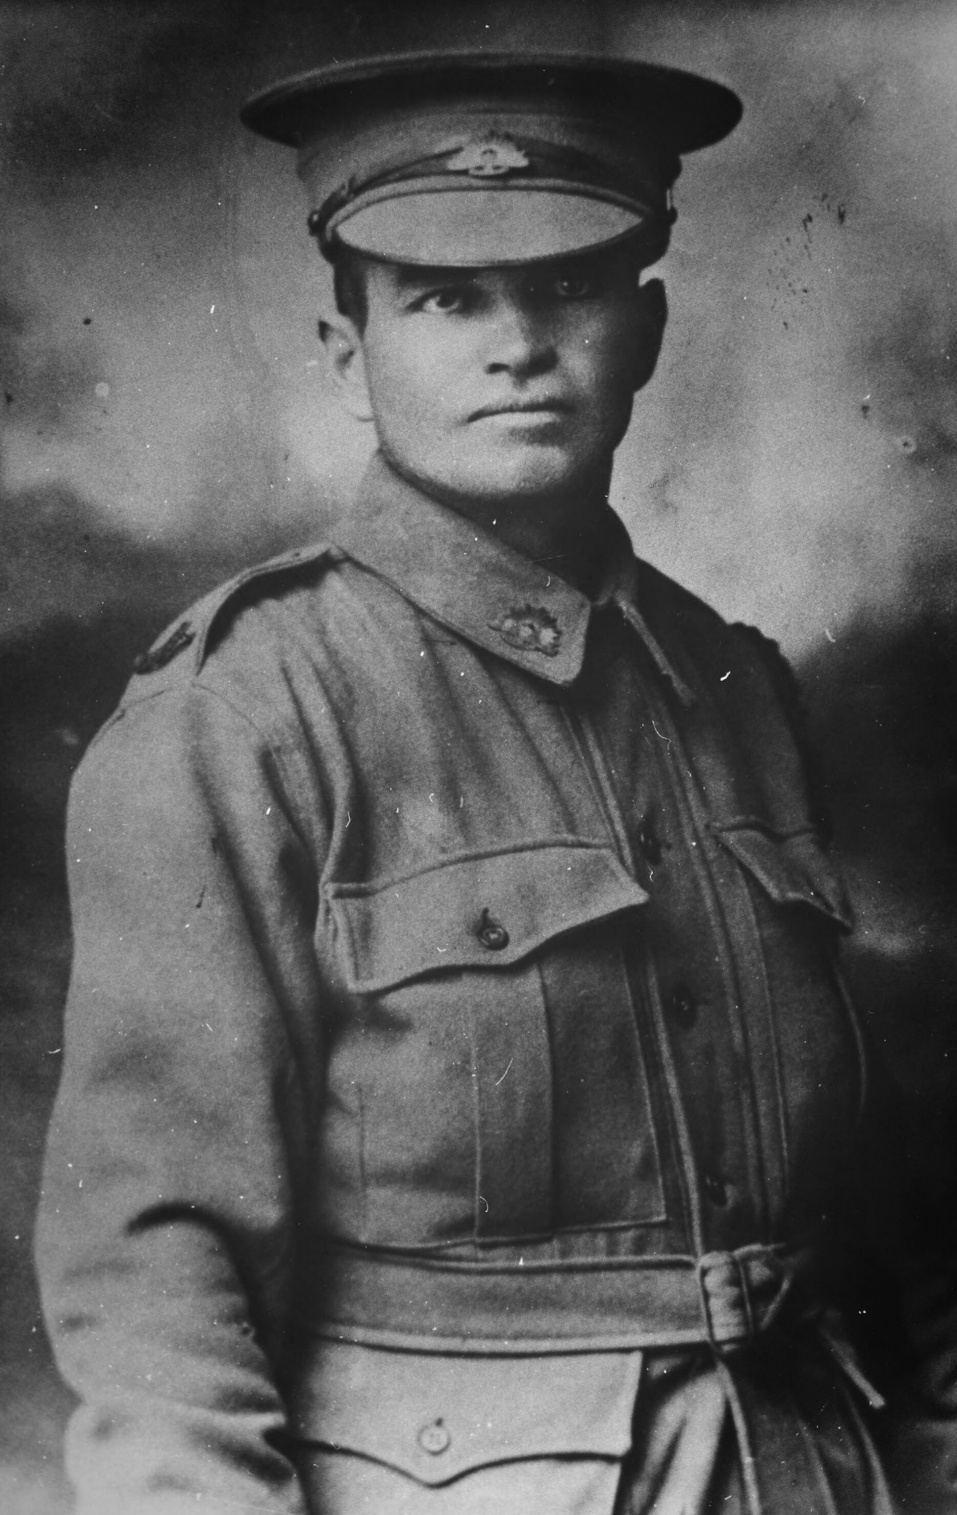 Avonturier Harold Lasseter in uniform van het Australische leger